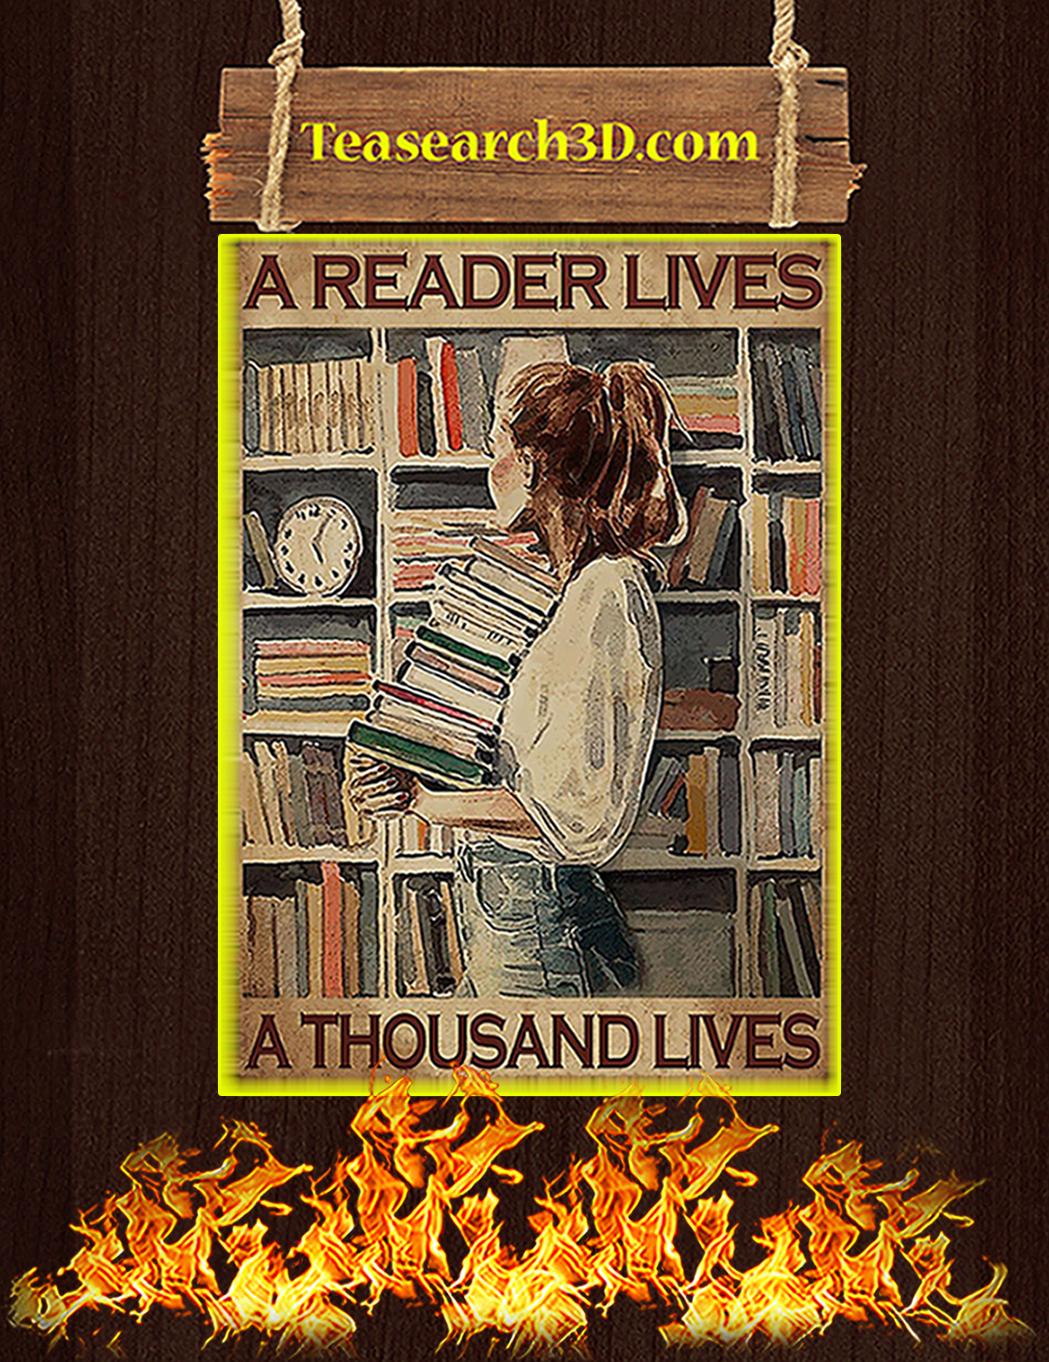 A reader lives a thousand lives poster A1